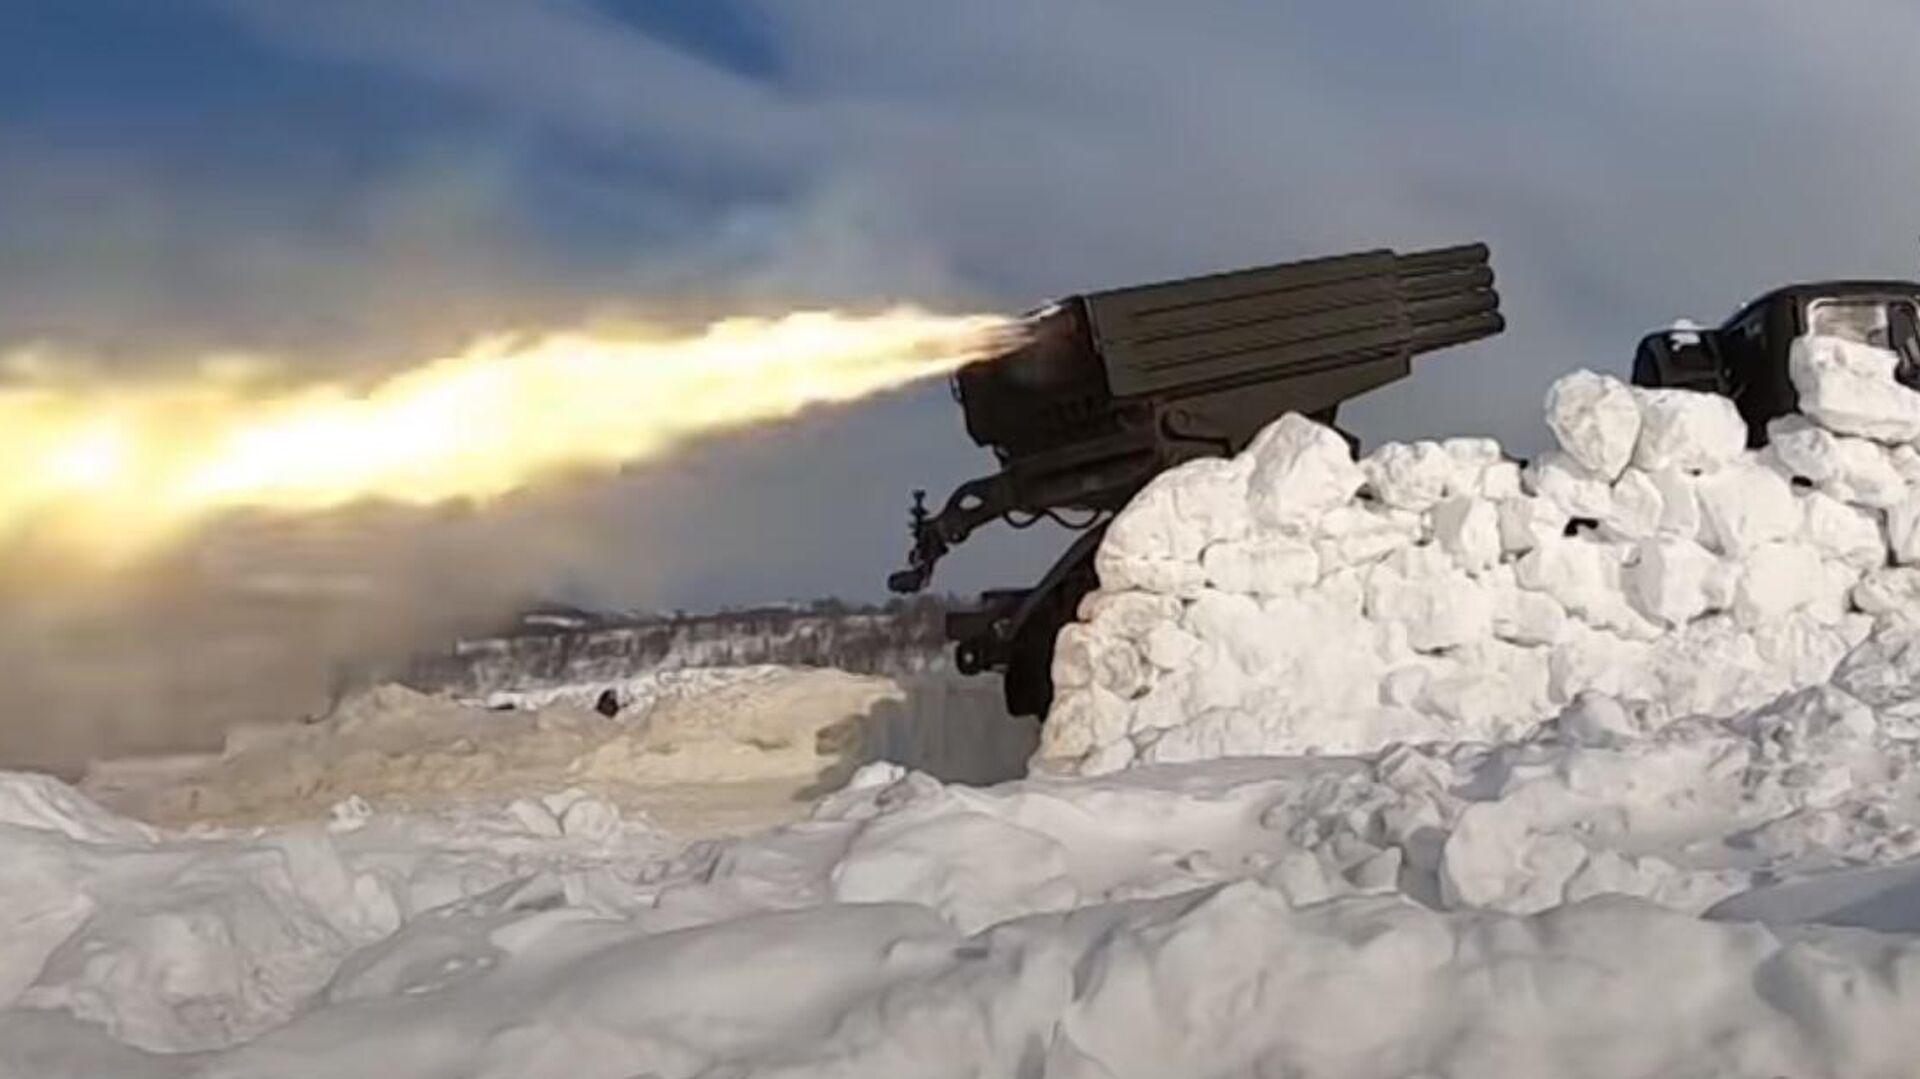 Los lanzacohetes múltiples Grad (Granizo, en español) mostraron sus capacidades durante unas maniobras de Rusia en el Ártico - Sputnik Mundo, 1920, 15.03.2021